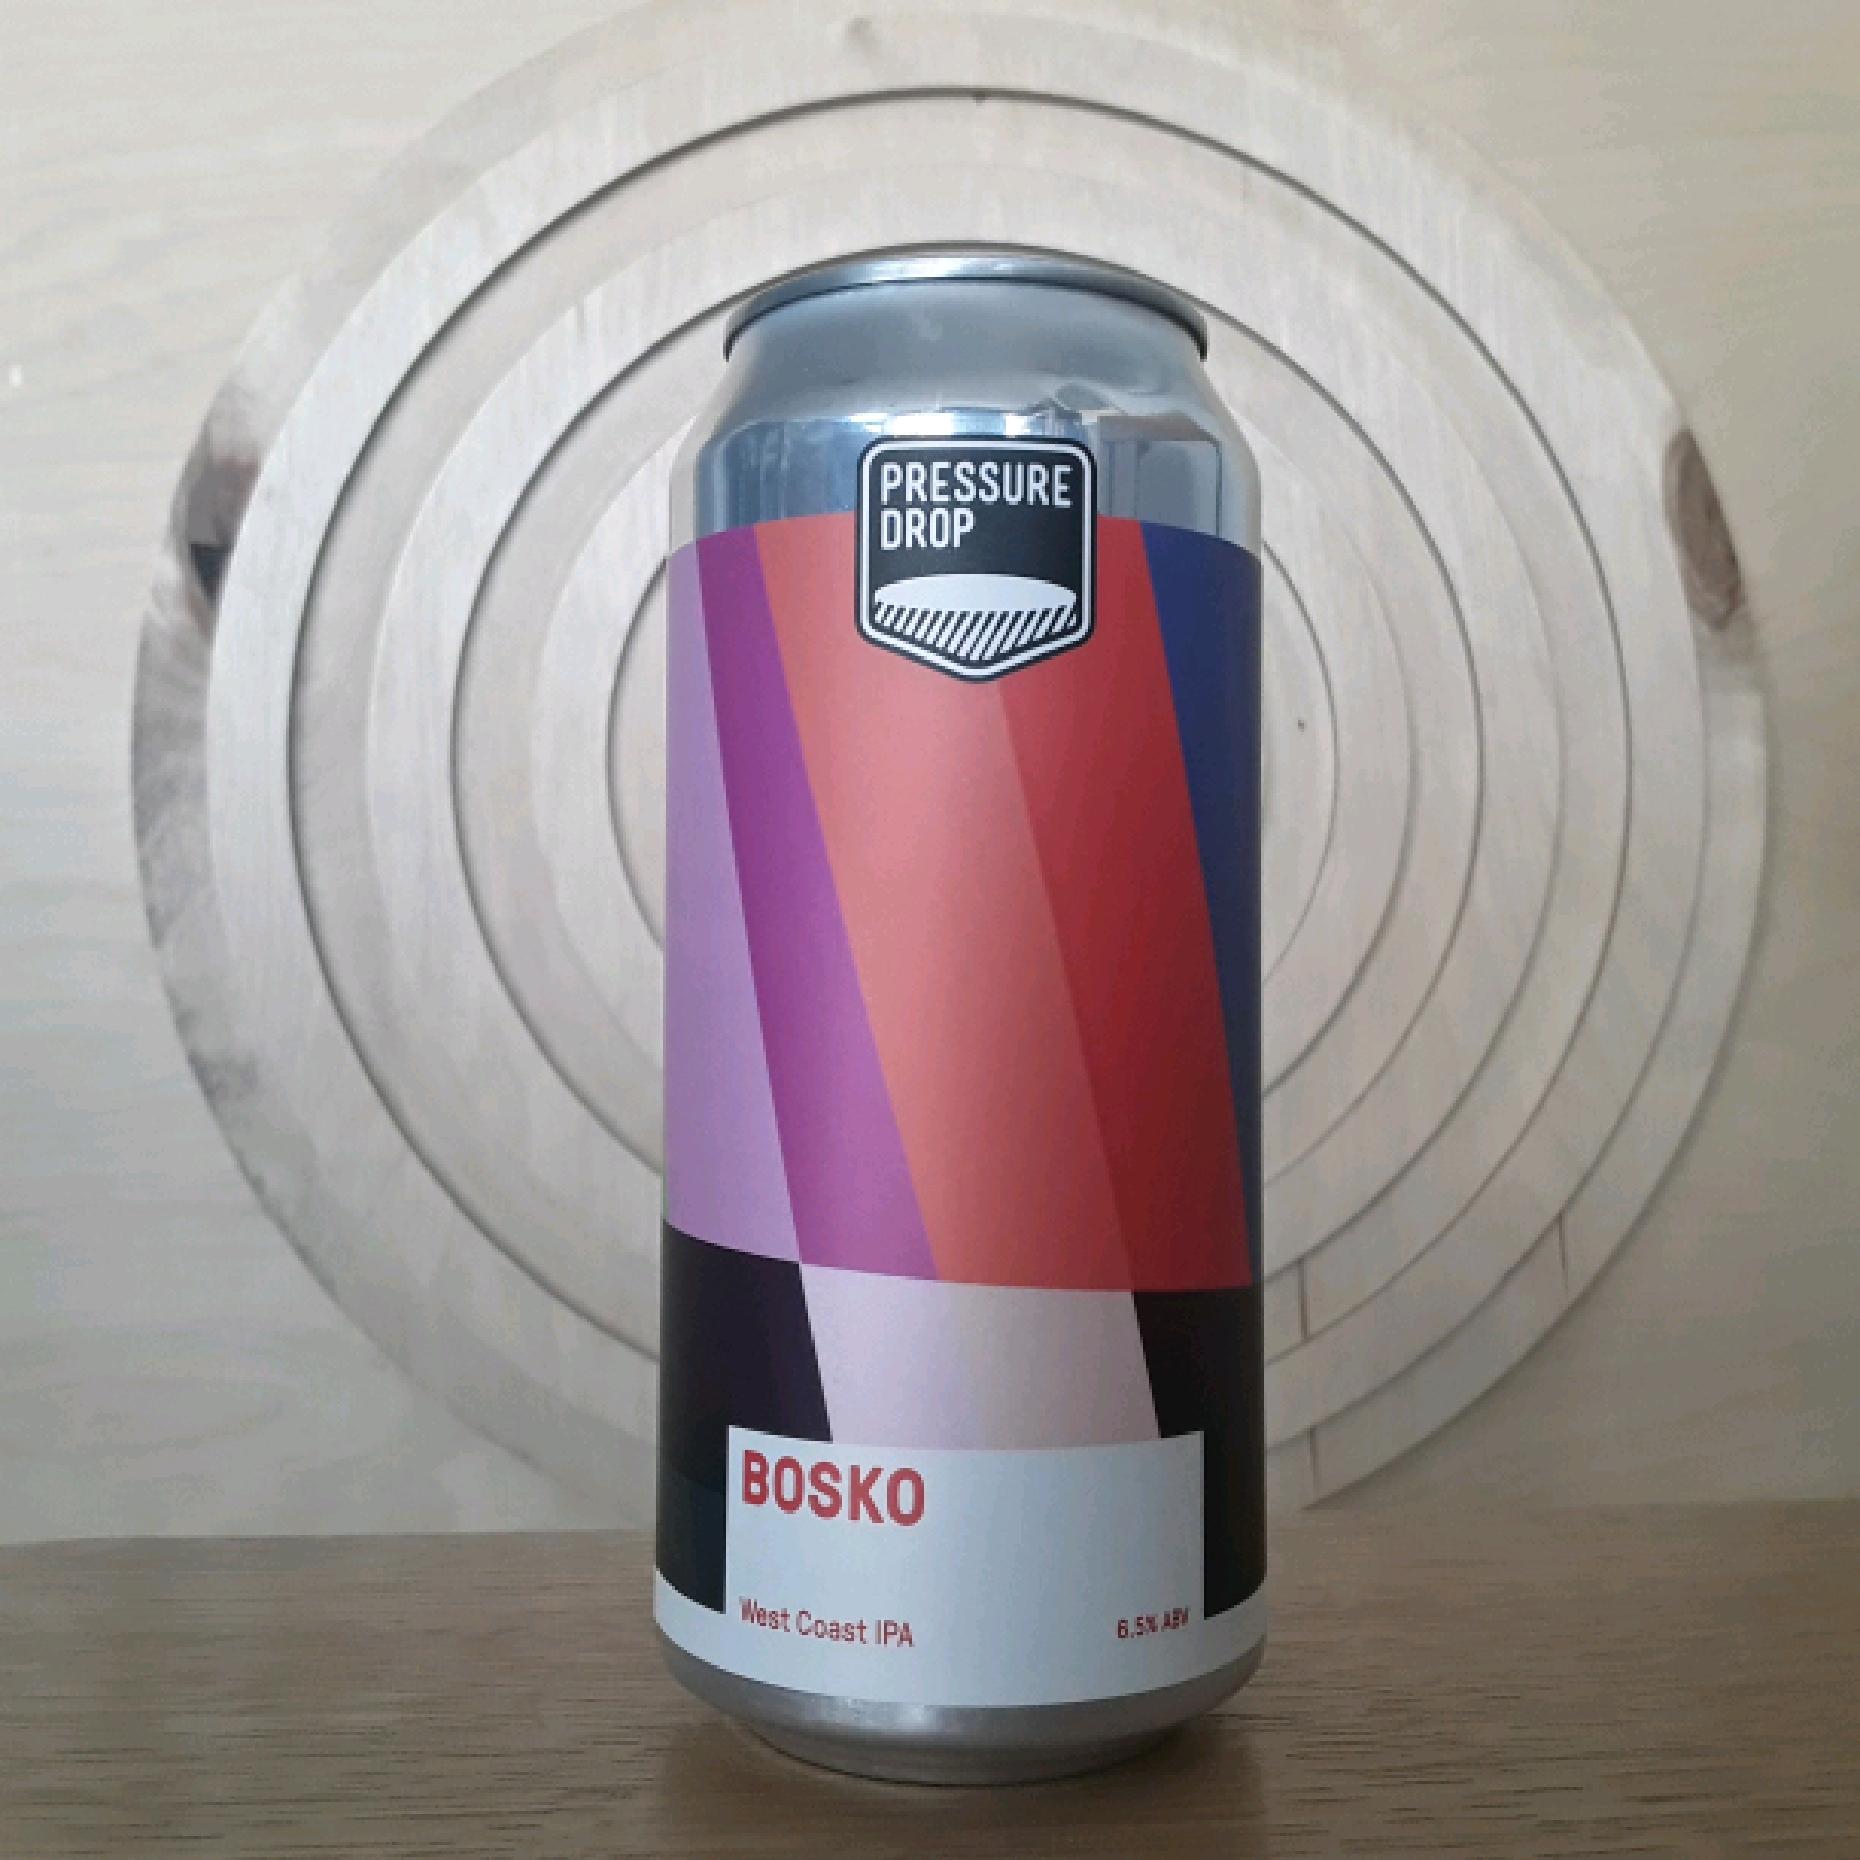 Pressure Drop Bosko IPA